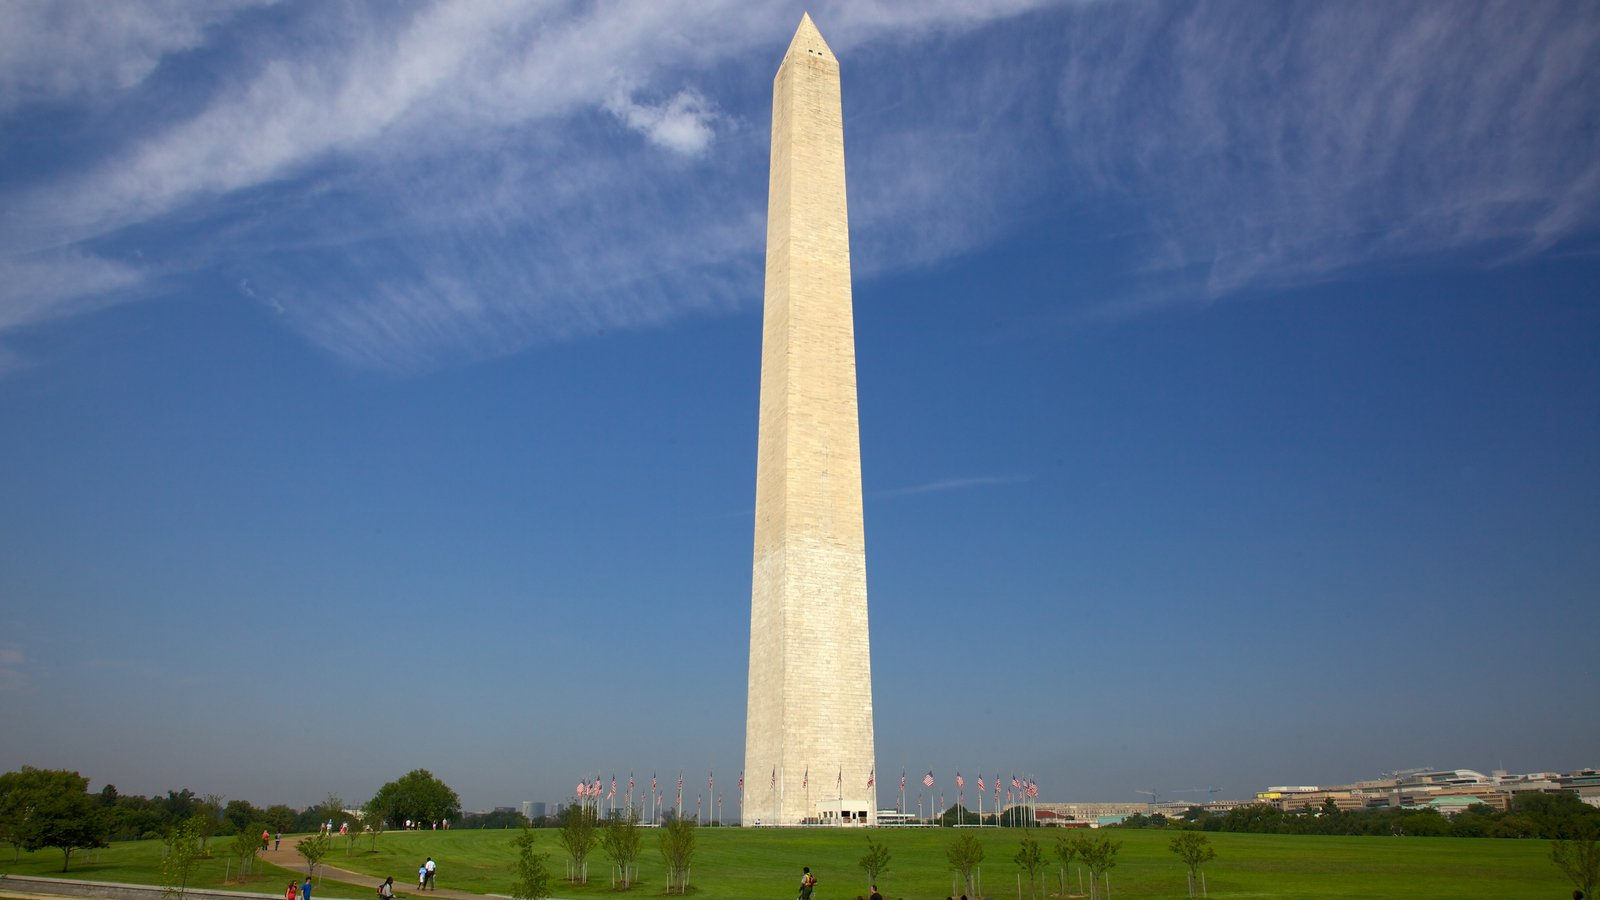 Washington Monument mostrando um monumento, linha do horizonte e paisagem